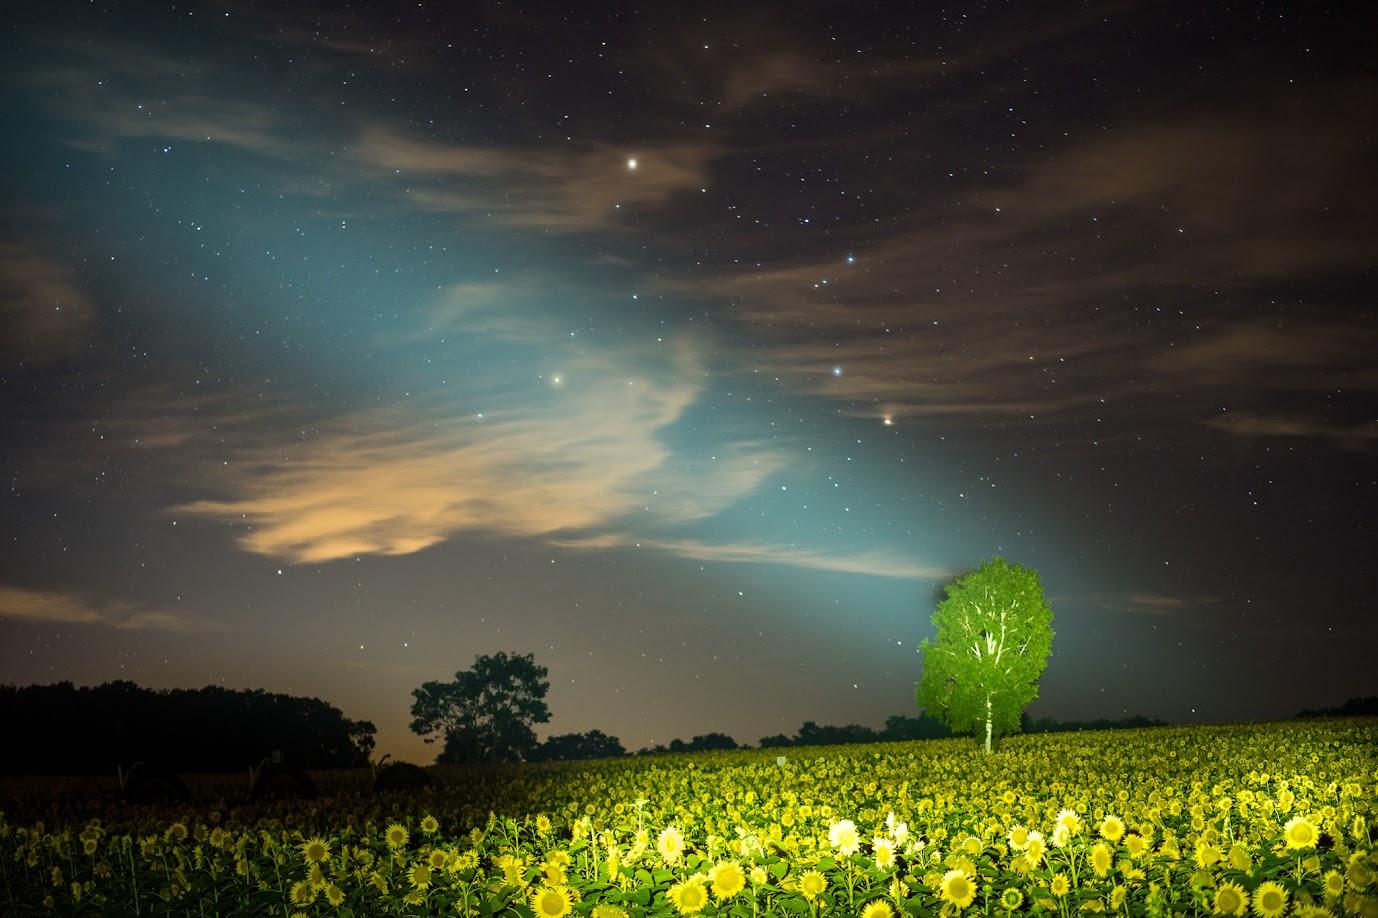 一億光年の星の光